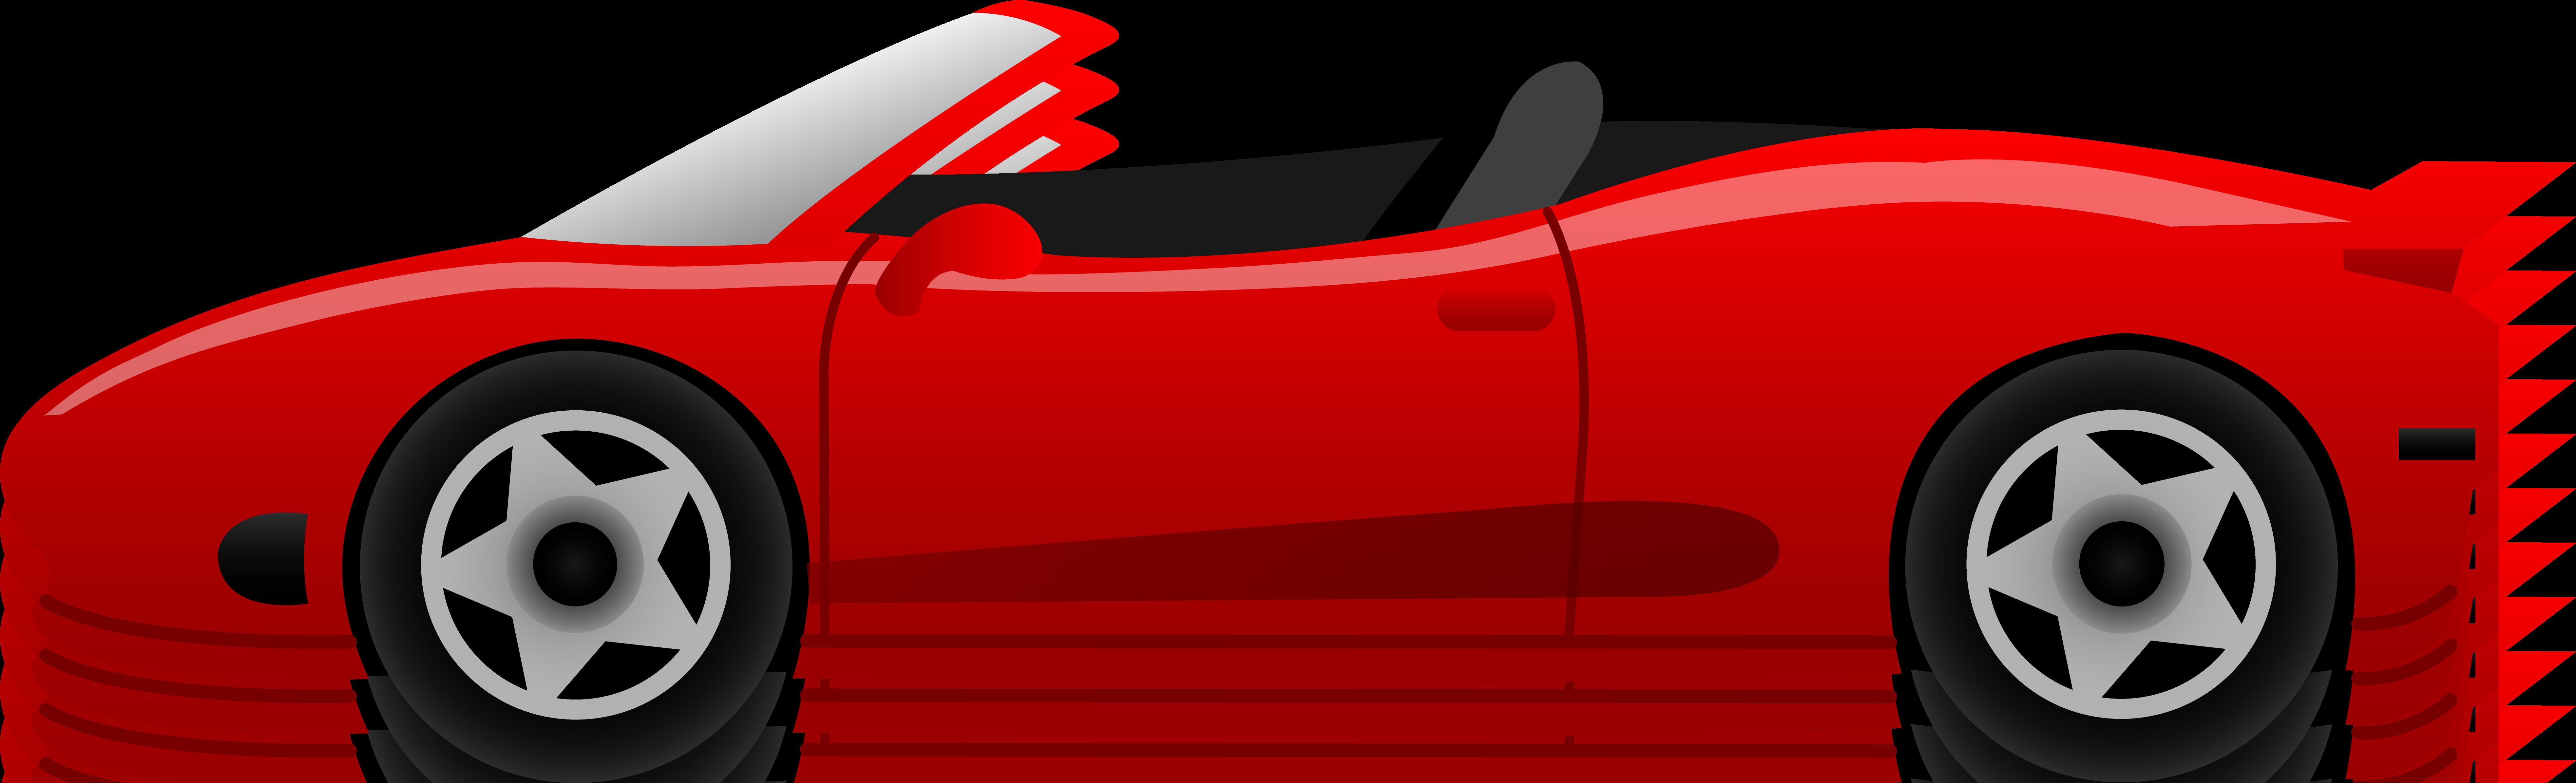 Car Clip Art-Car Clip Art-5